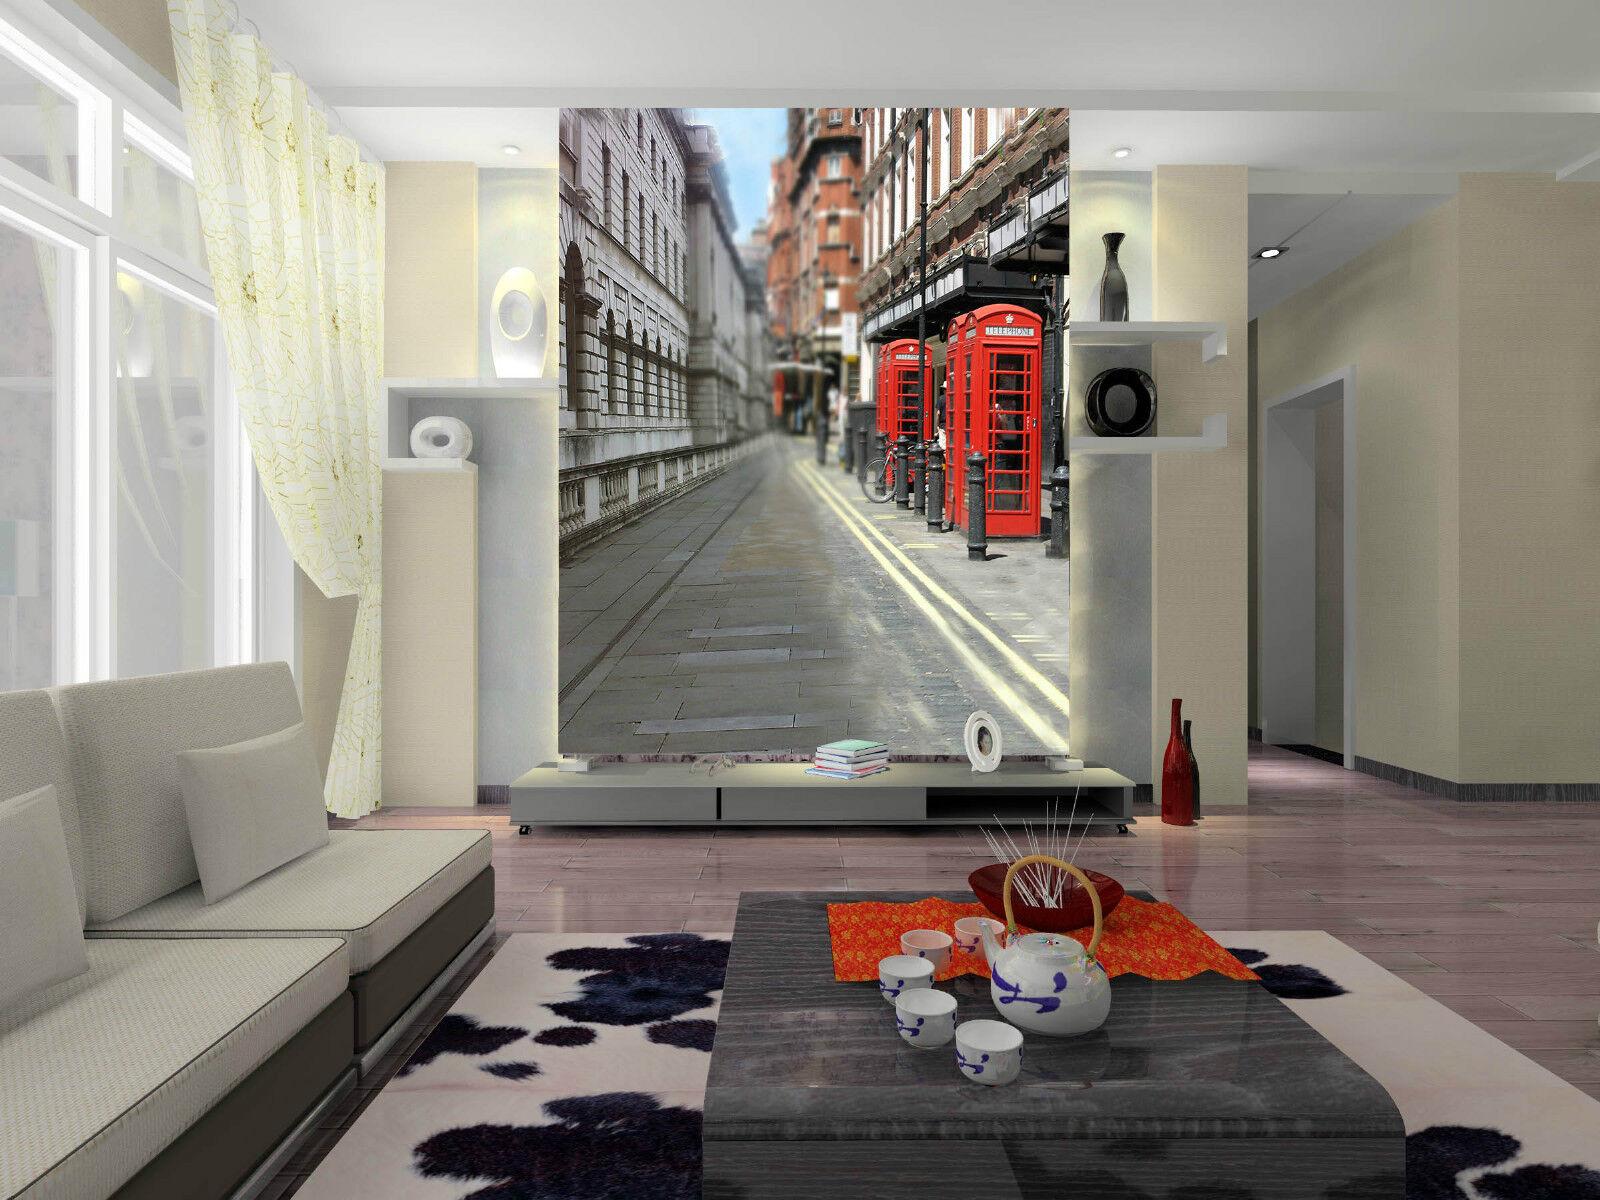 3D Die Straße 230298  Fototapeten Wandbild Fototapete BildTapete Familie DE